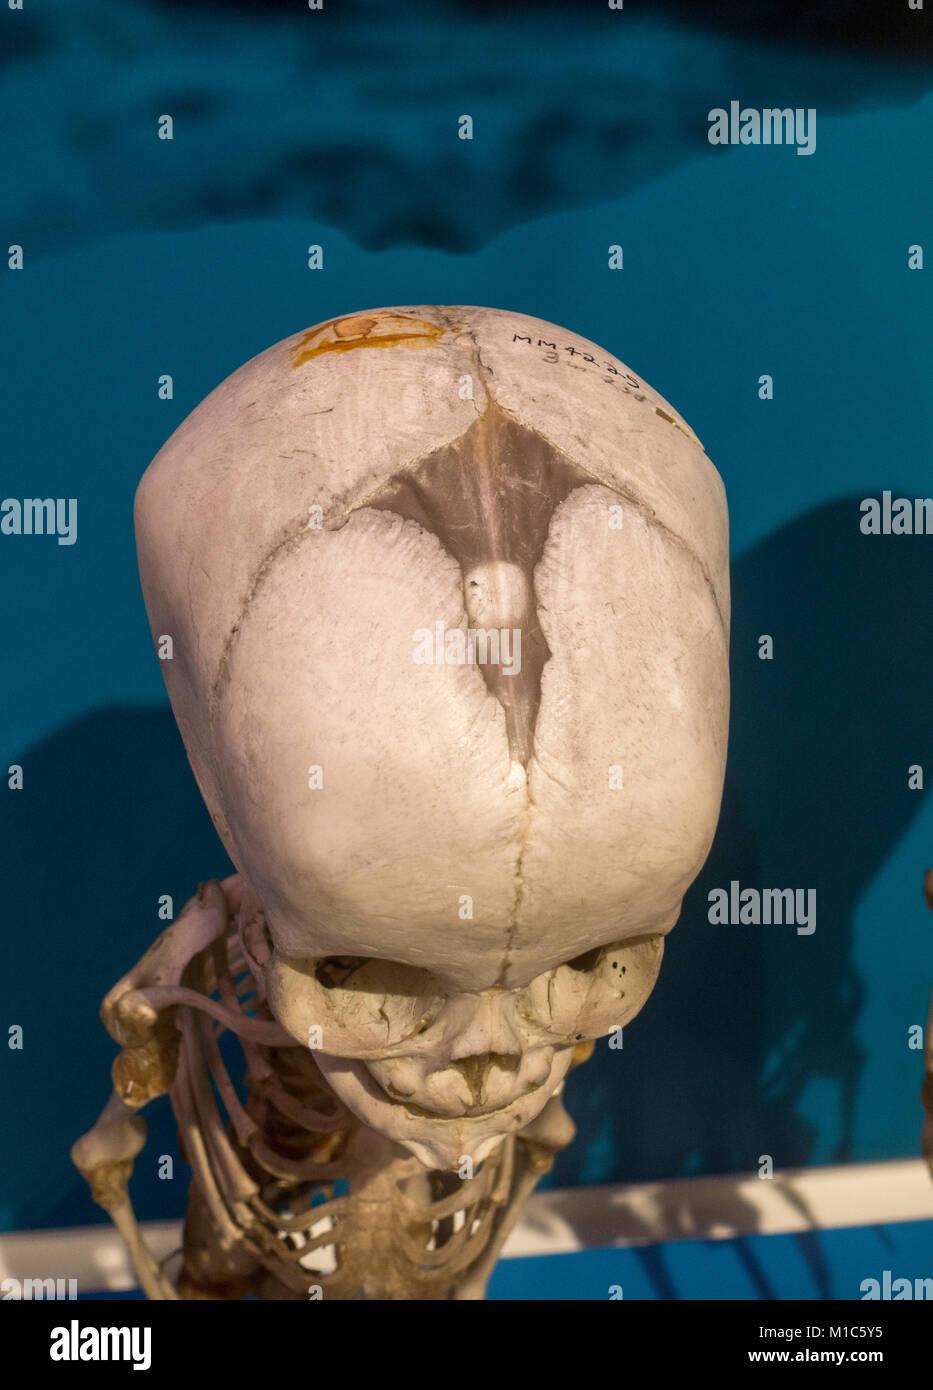 Infant Skull Stockfotos & Infant Skull Bilder - Alamy